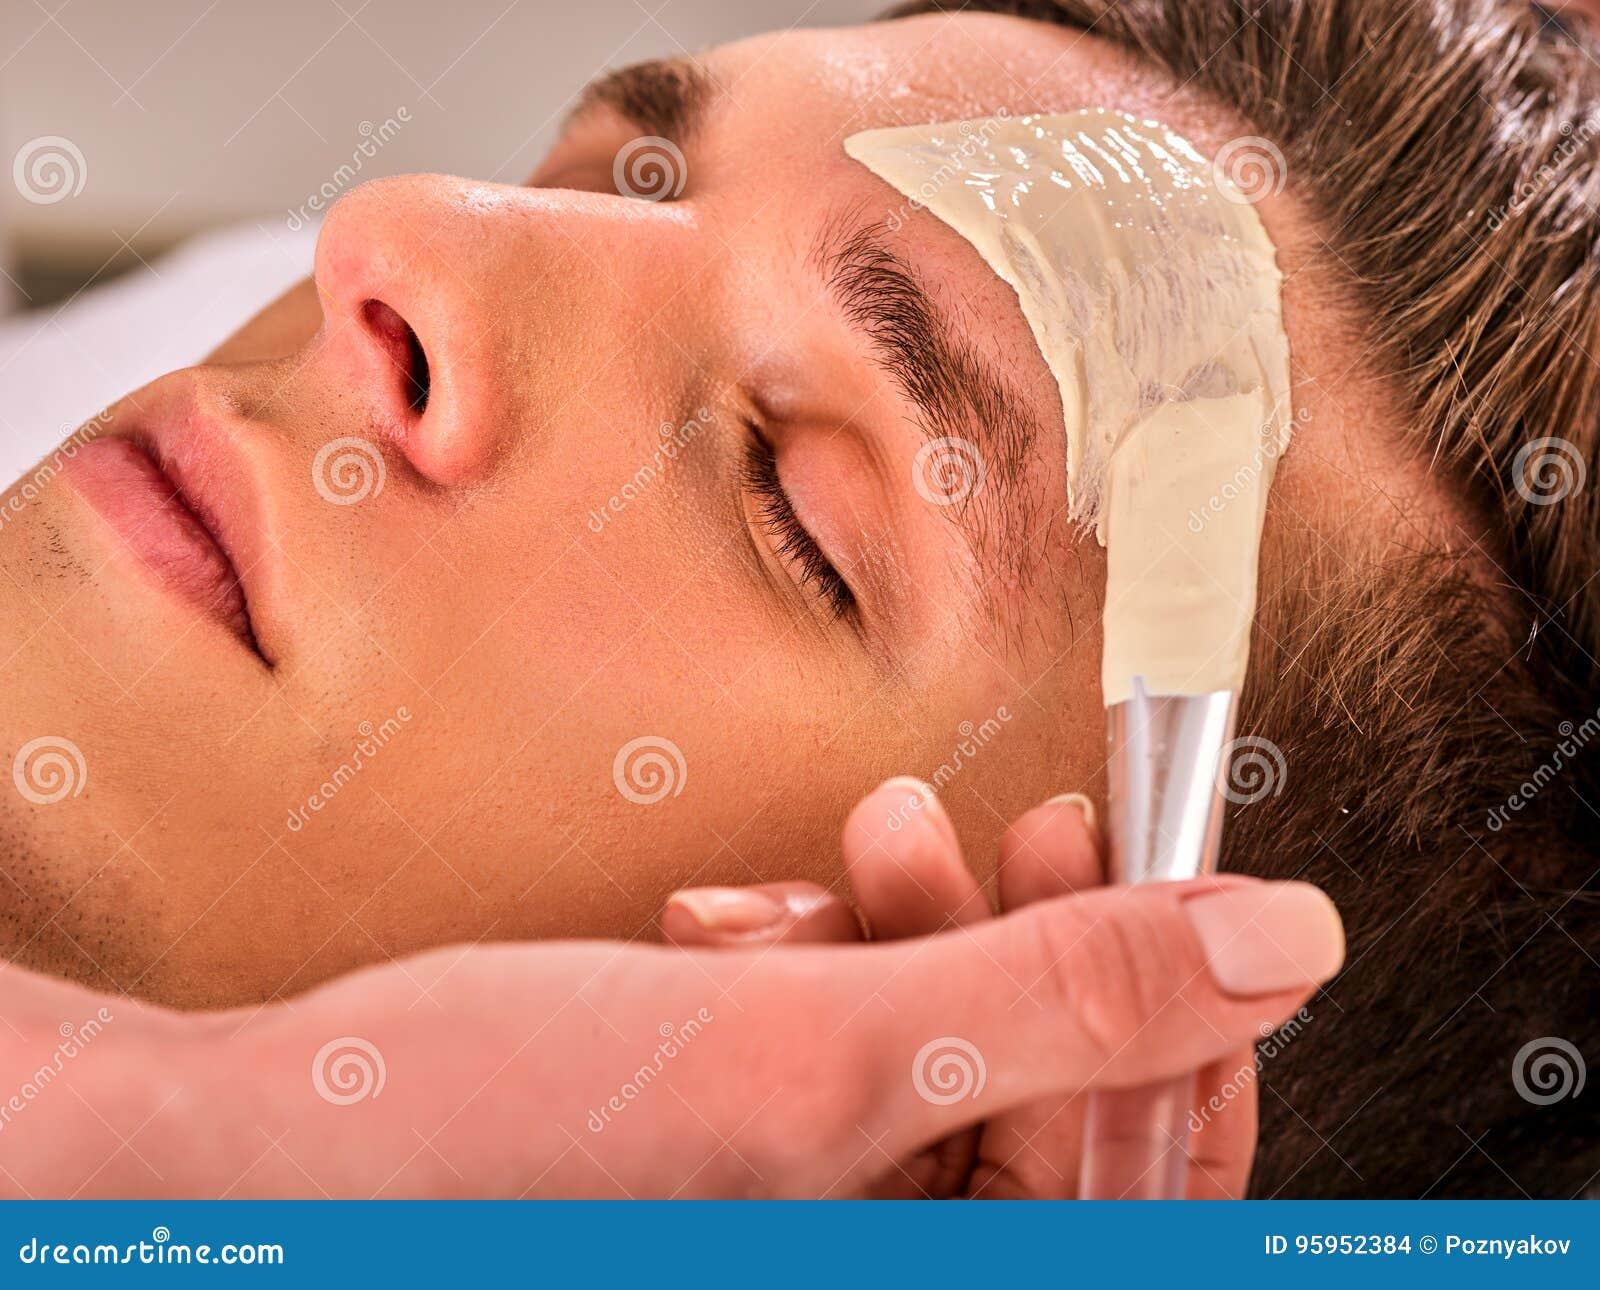 人泥面部面具温泉沙龙的 面孔按摩